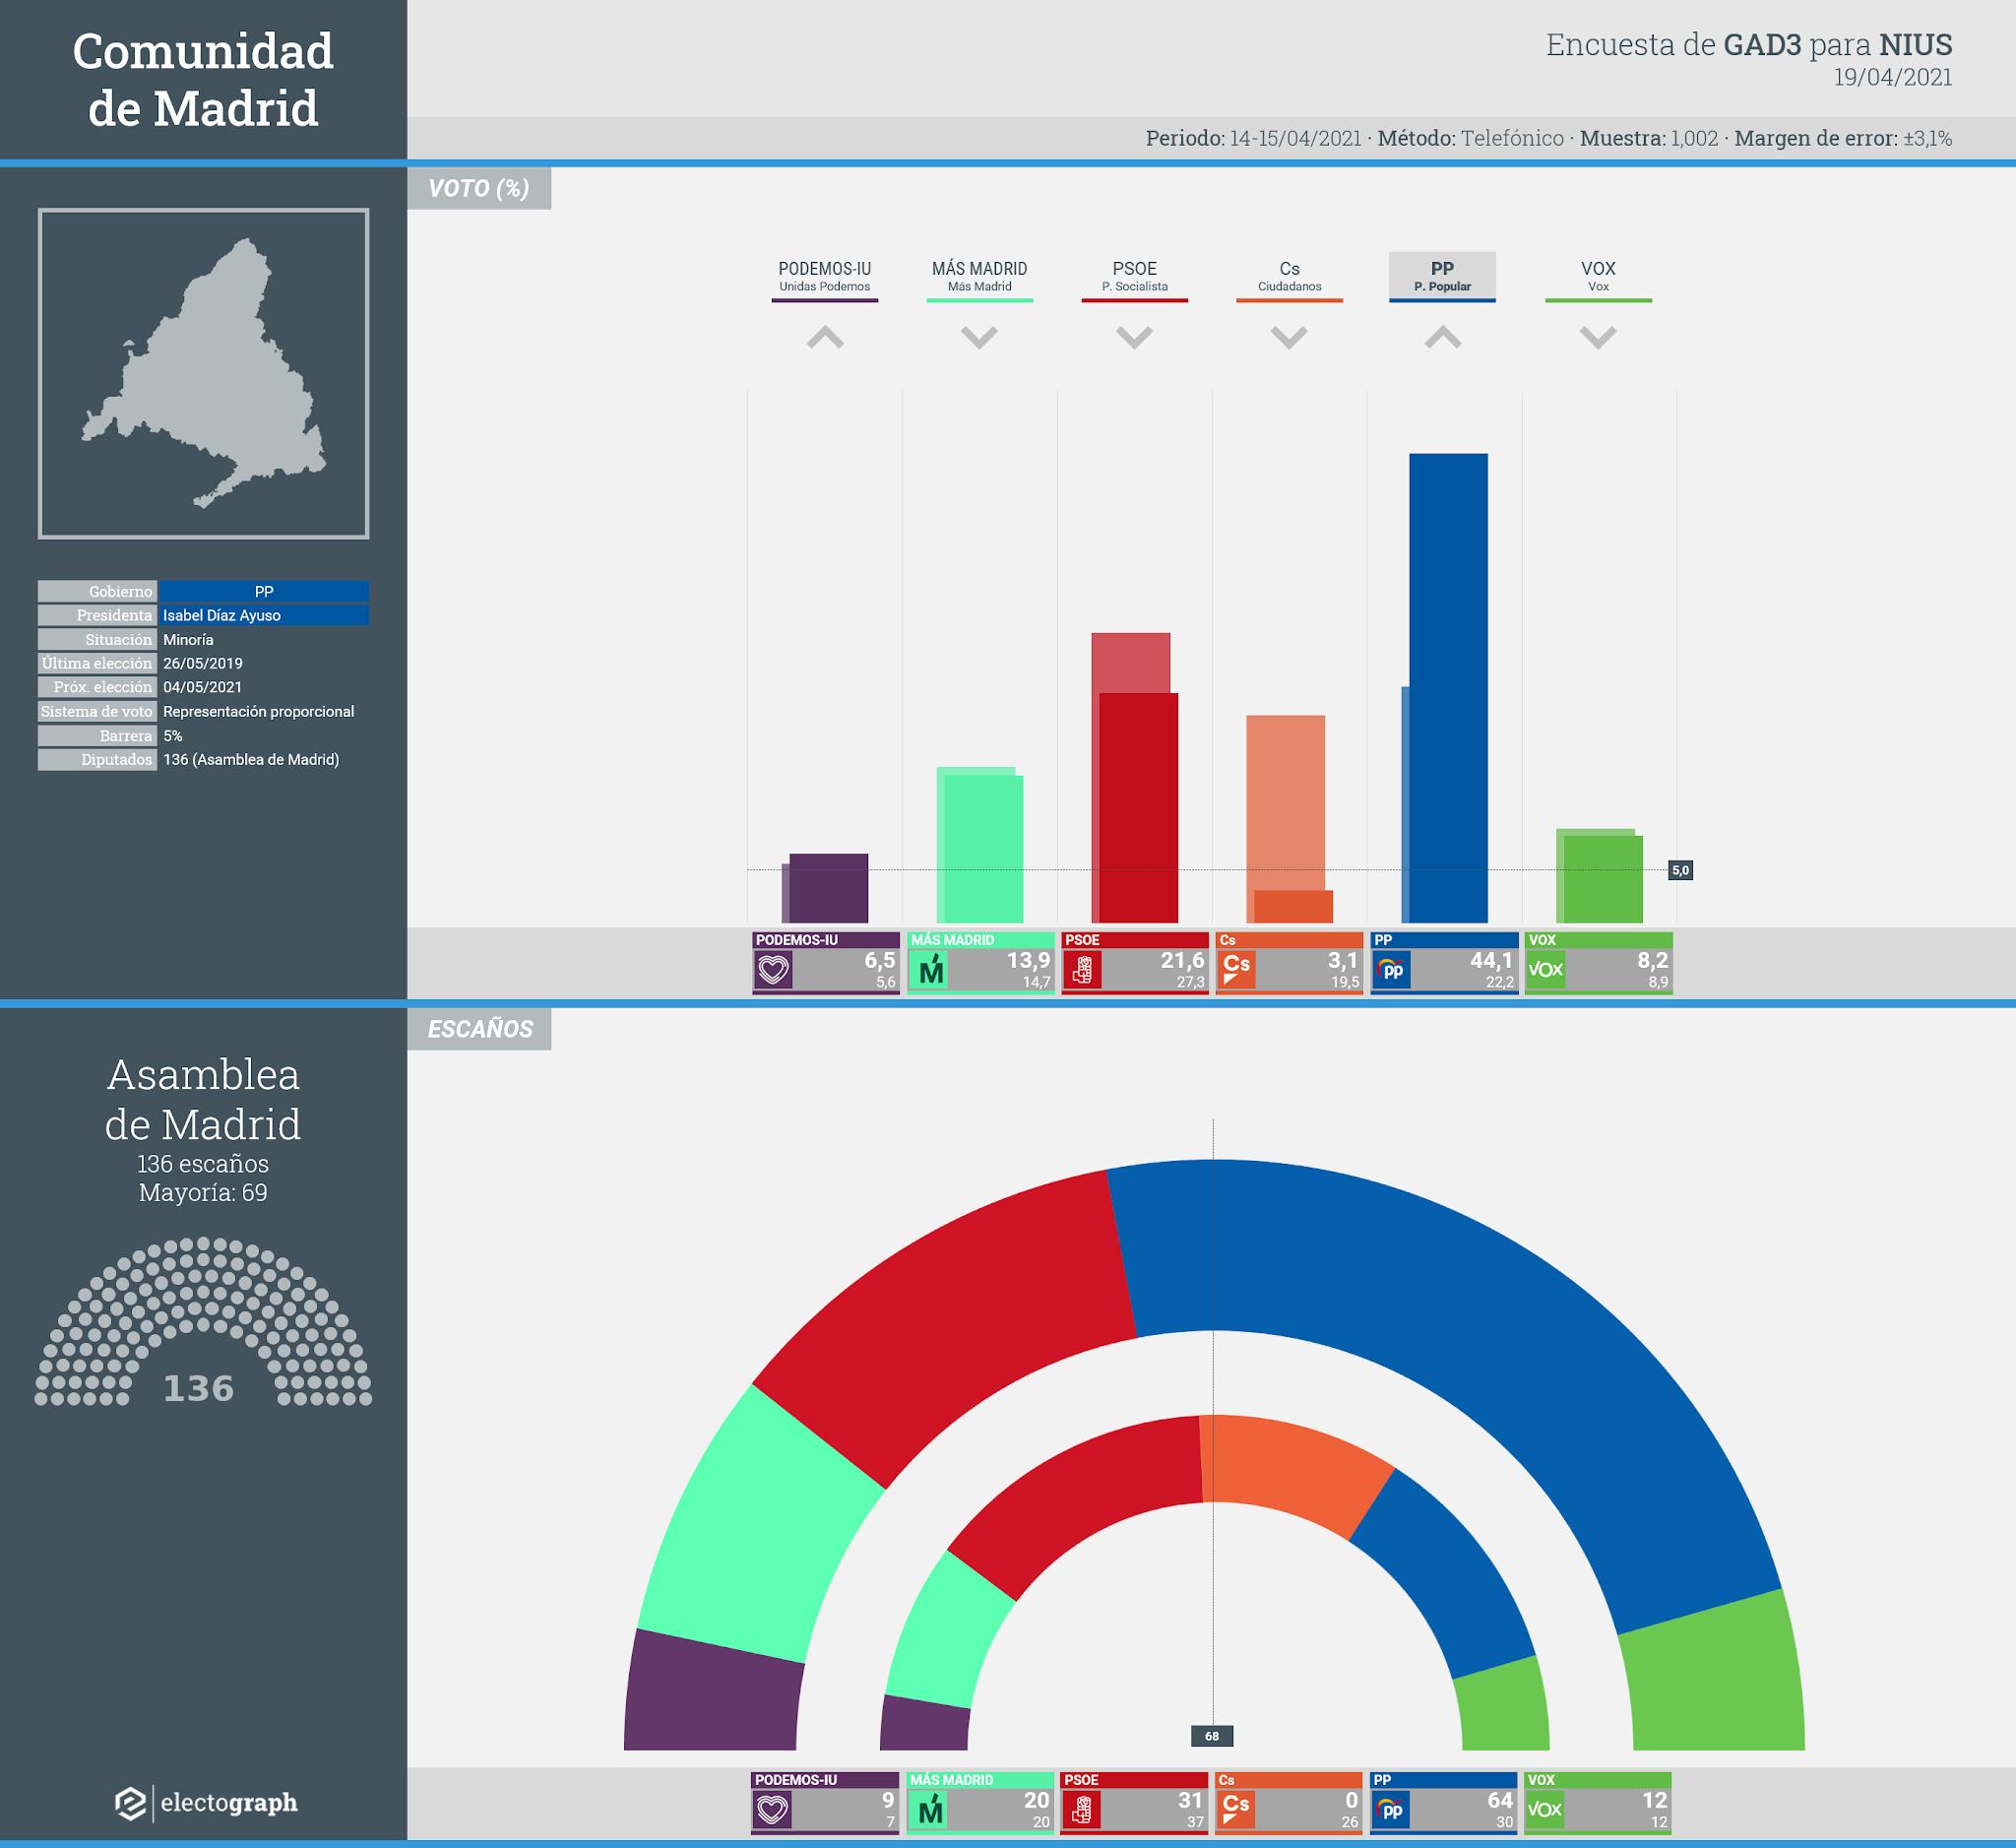 Gráfico de la encuesta para elecciones autonómicas en la Comunidad de Madrid realizada por GAD3 para NIUS, 19 de abril de 2021